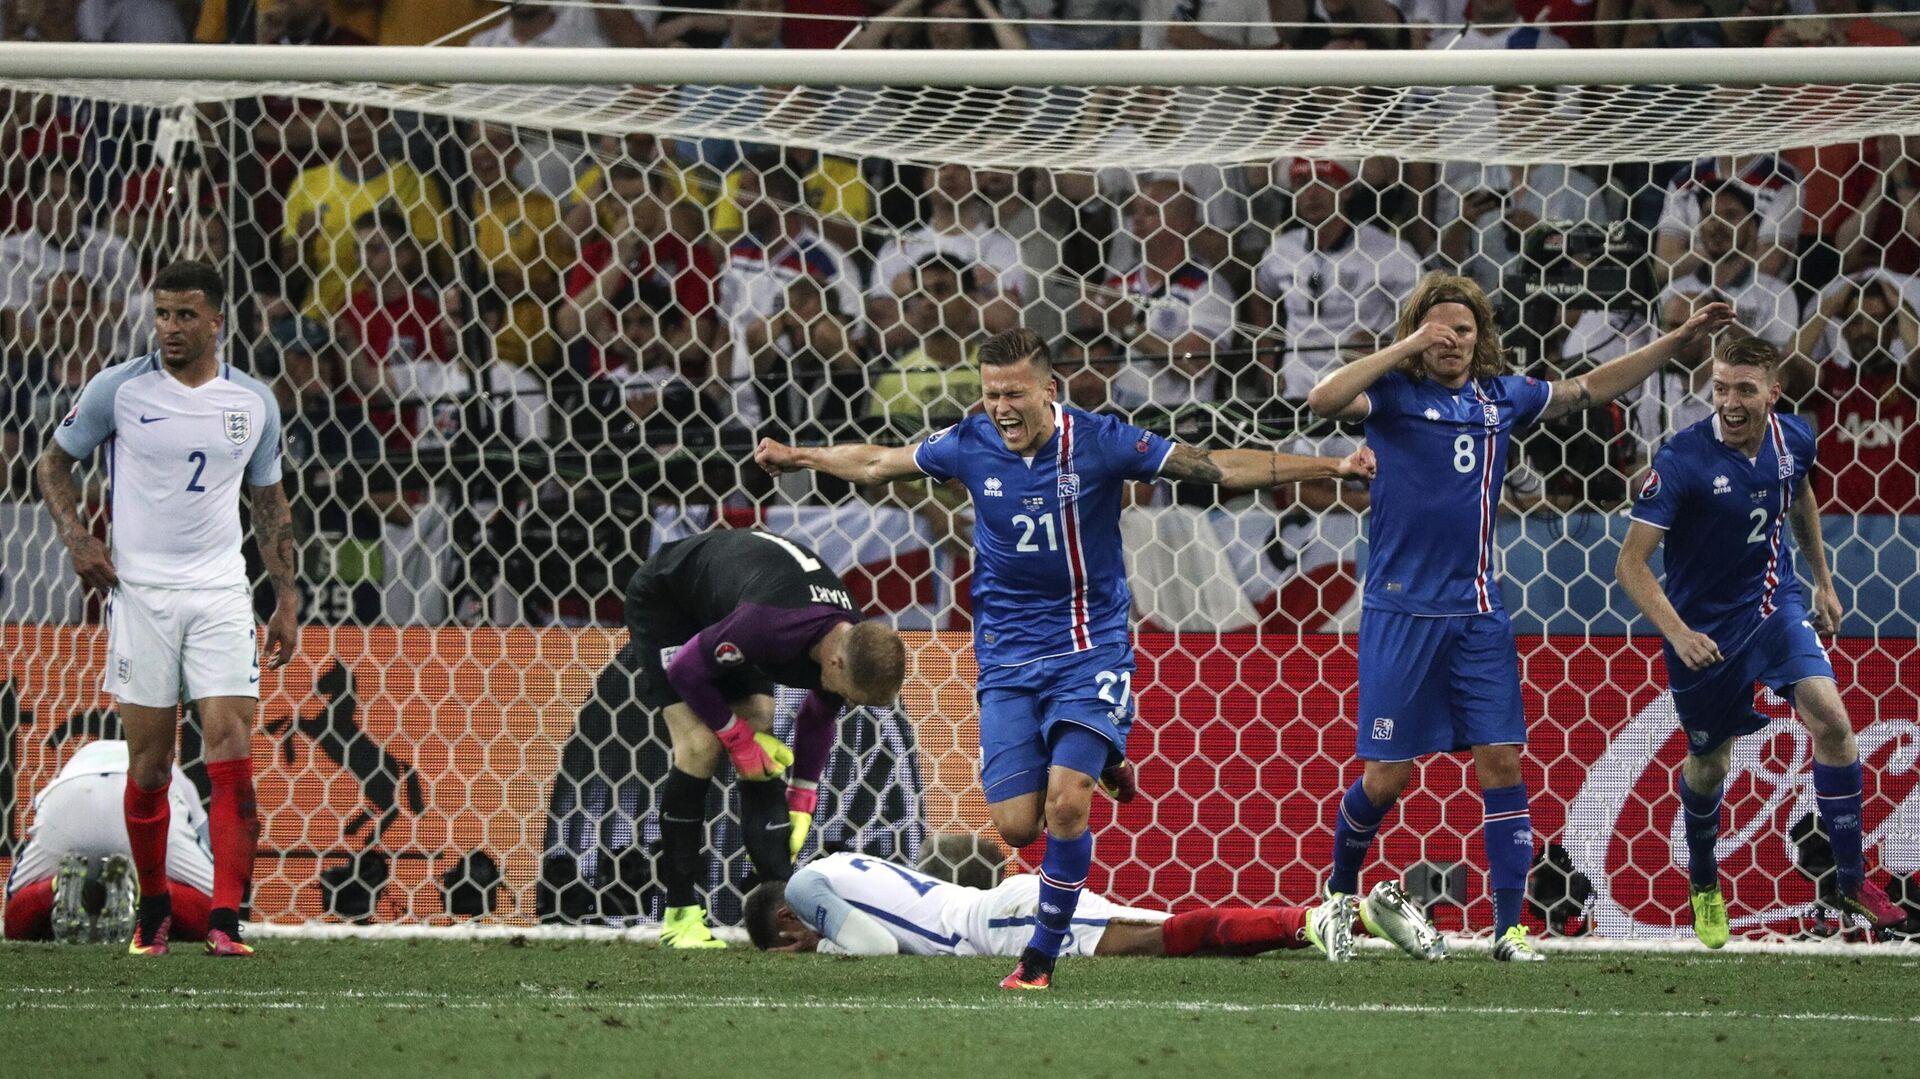 Футбол. Чемпионат Европы - 2016. Матч Англия - Исландия - РИА Новости, 1920, 08.07.2020